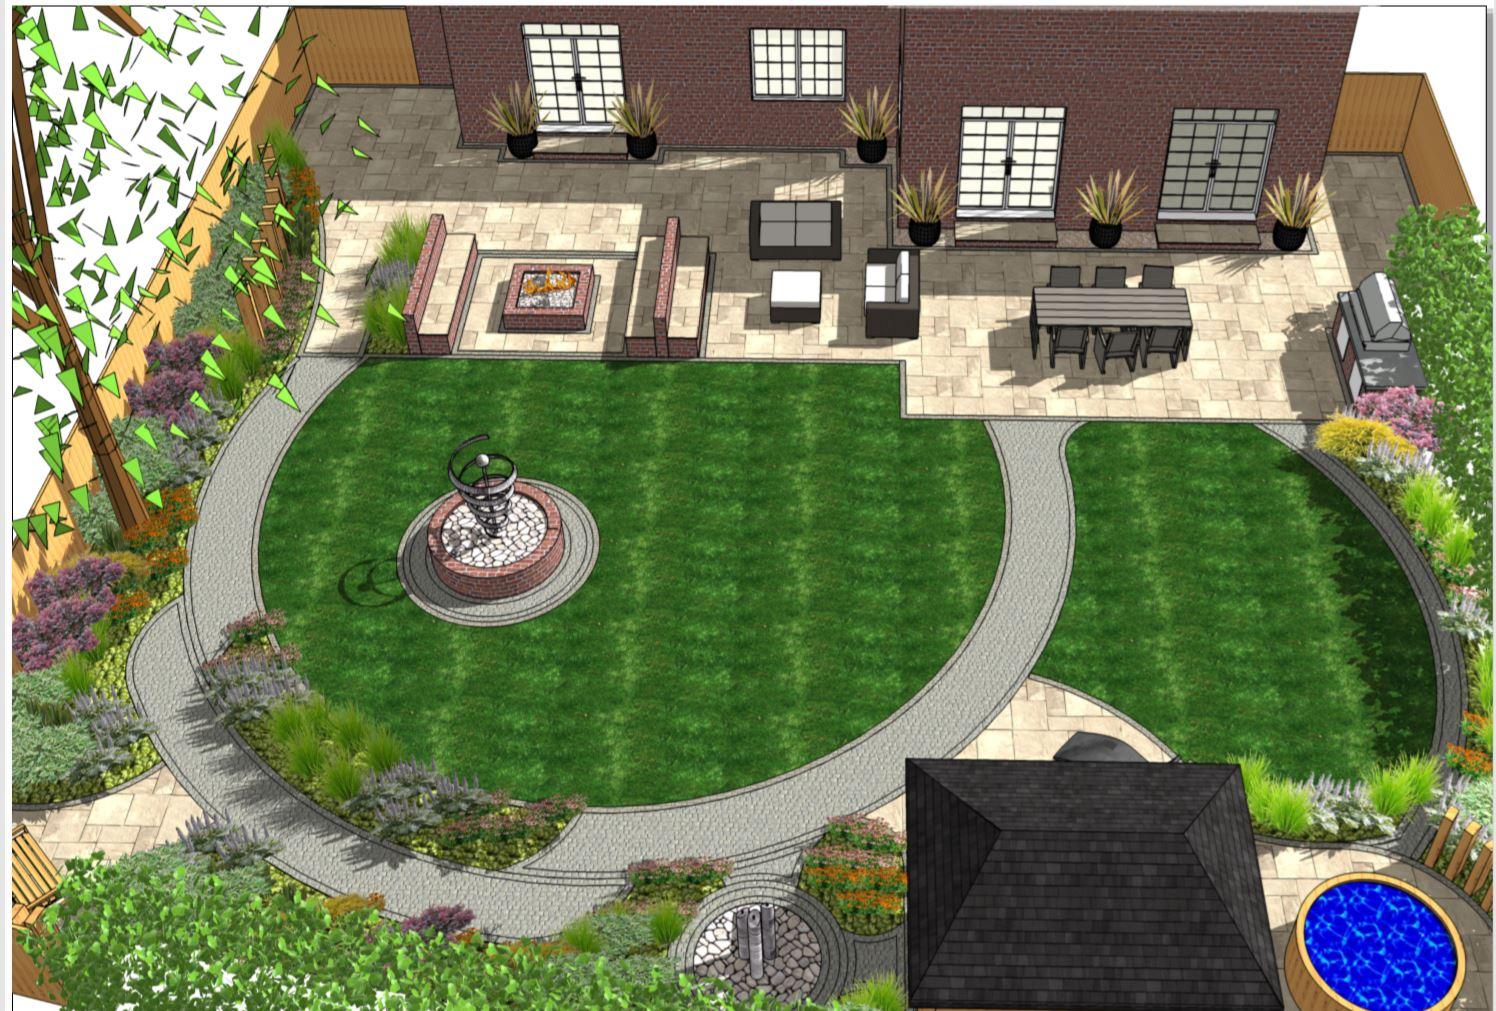 Landscaep designer Wakfield